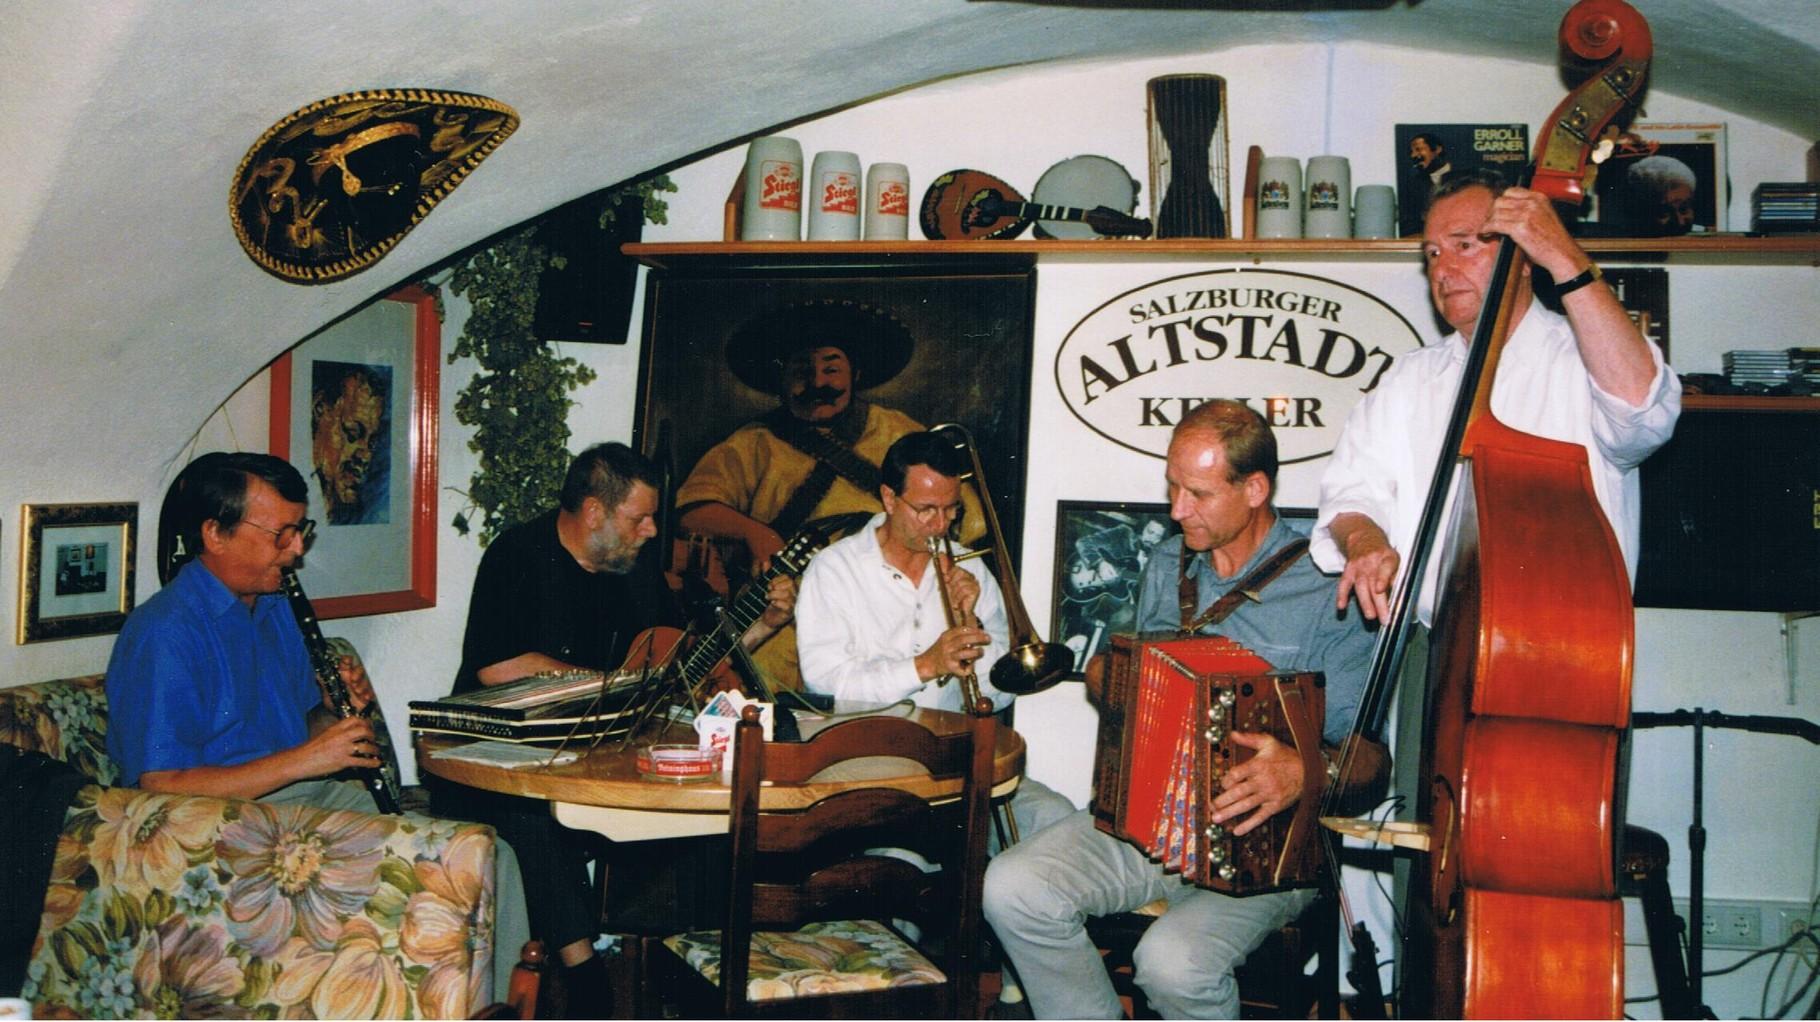 Altstadtkeller Volks-Hausmusik